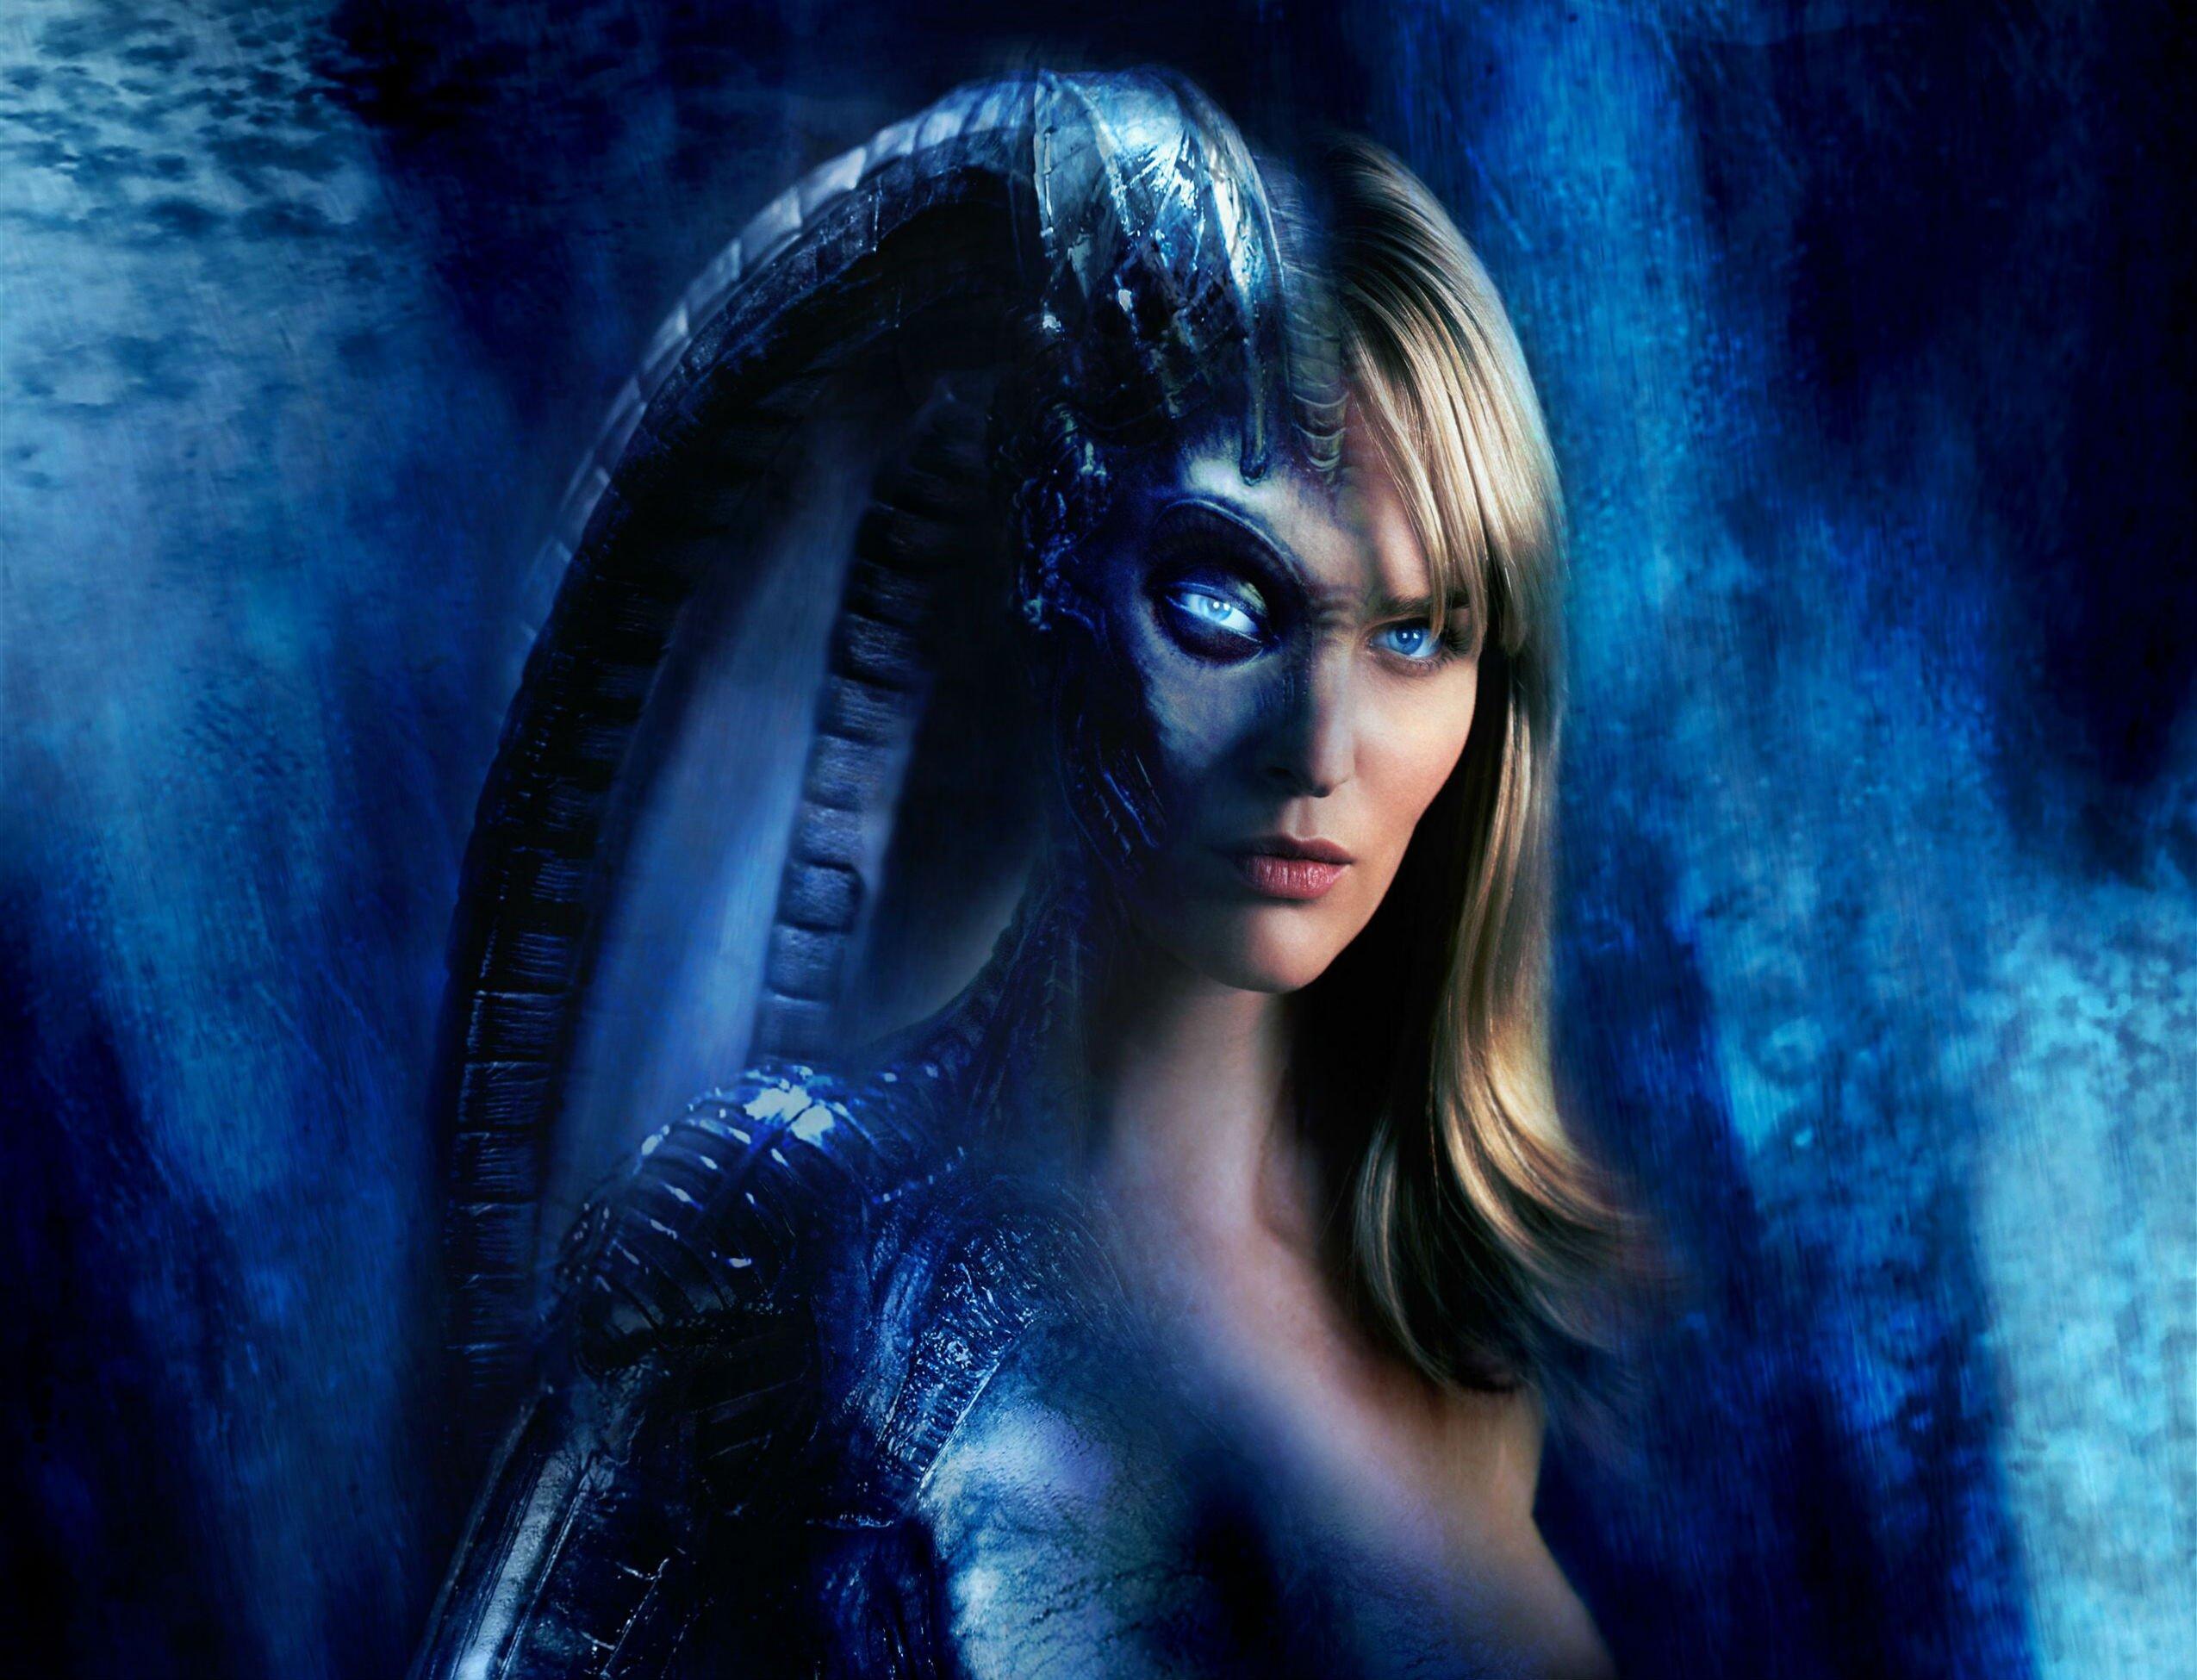 Alien Abduction The Full Movie